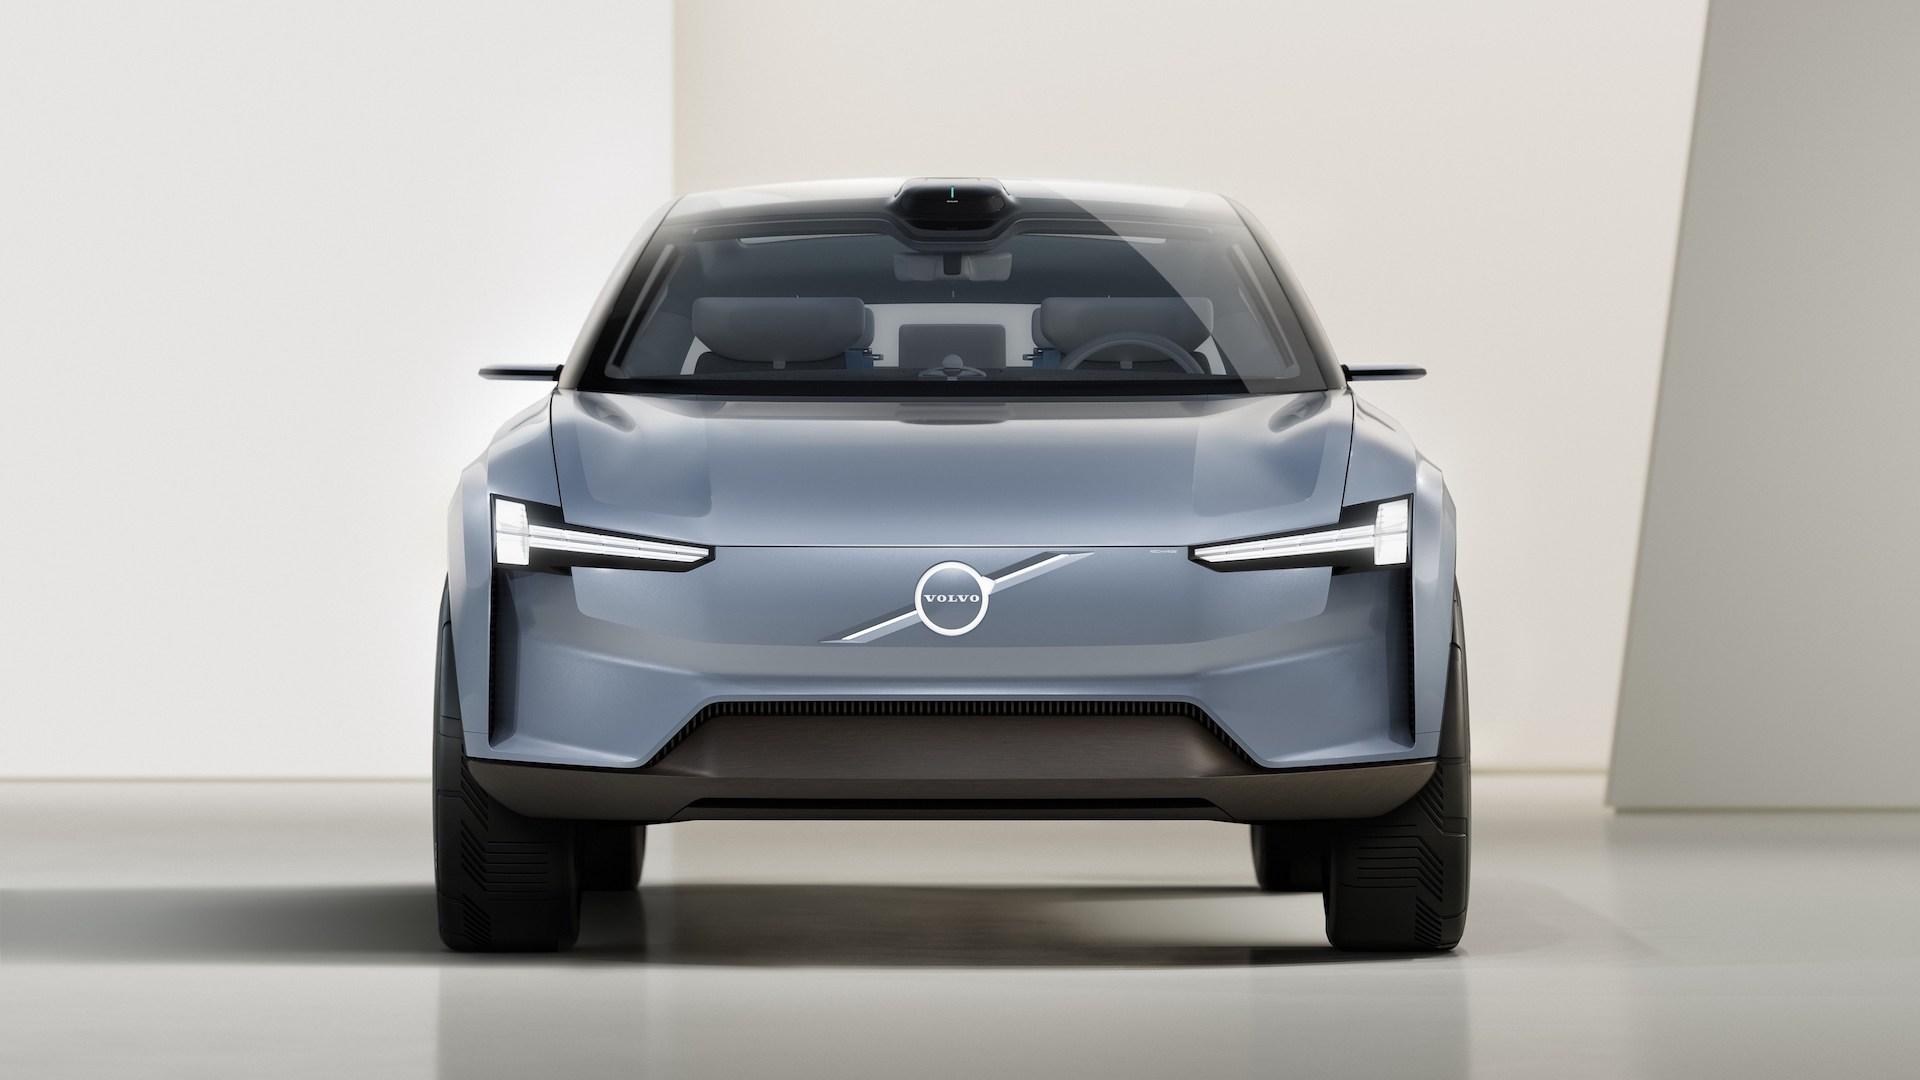 Este es el nuevo Volvo Concept Recharge, totalmente eléctrico